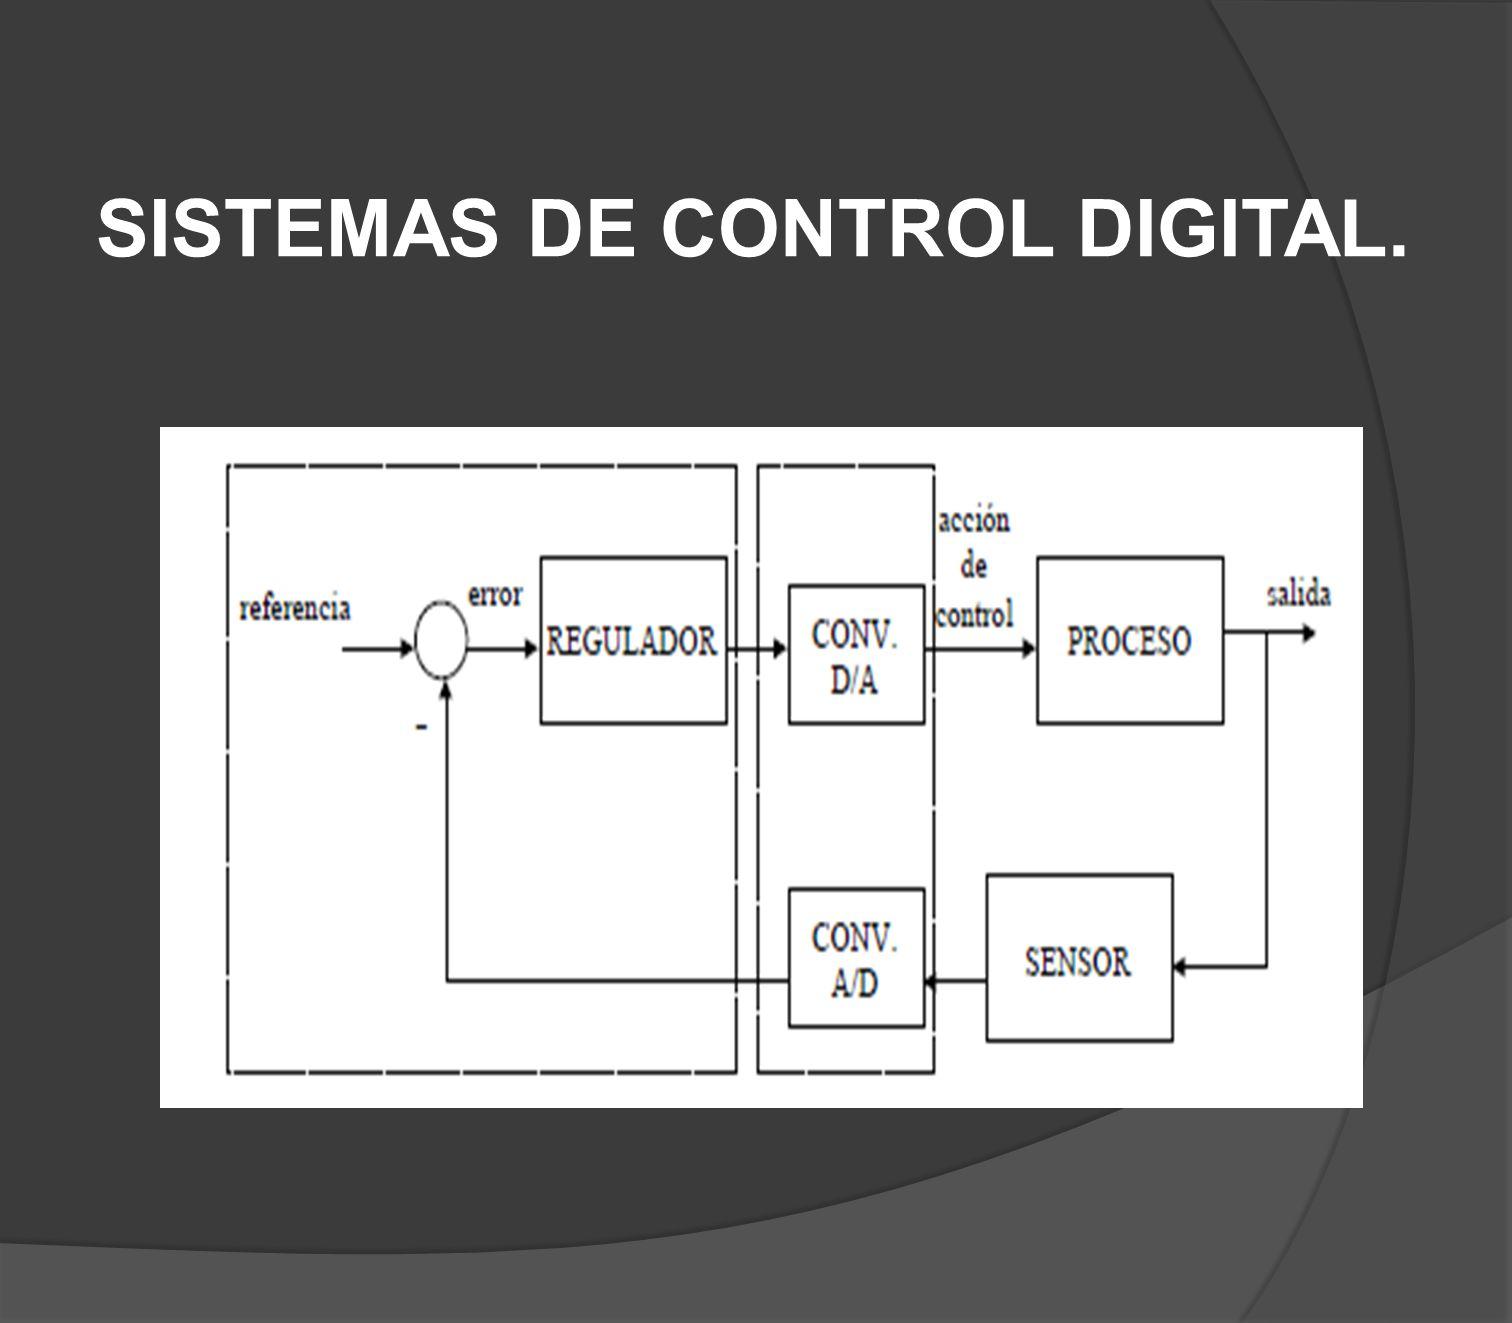 SISTEMAS DE CONTROL DIGITAL.